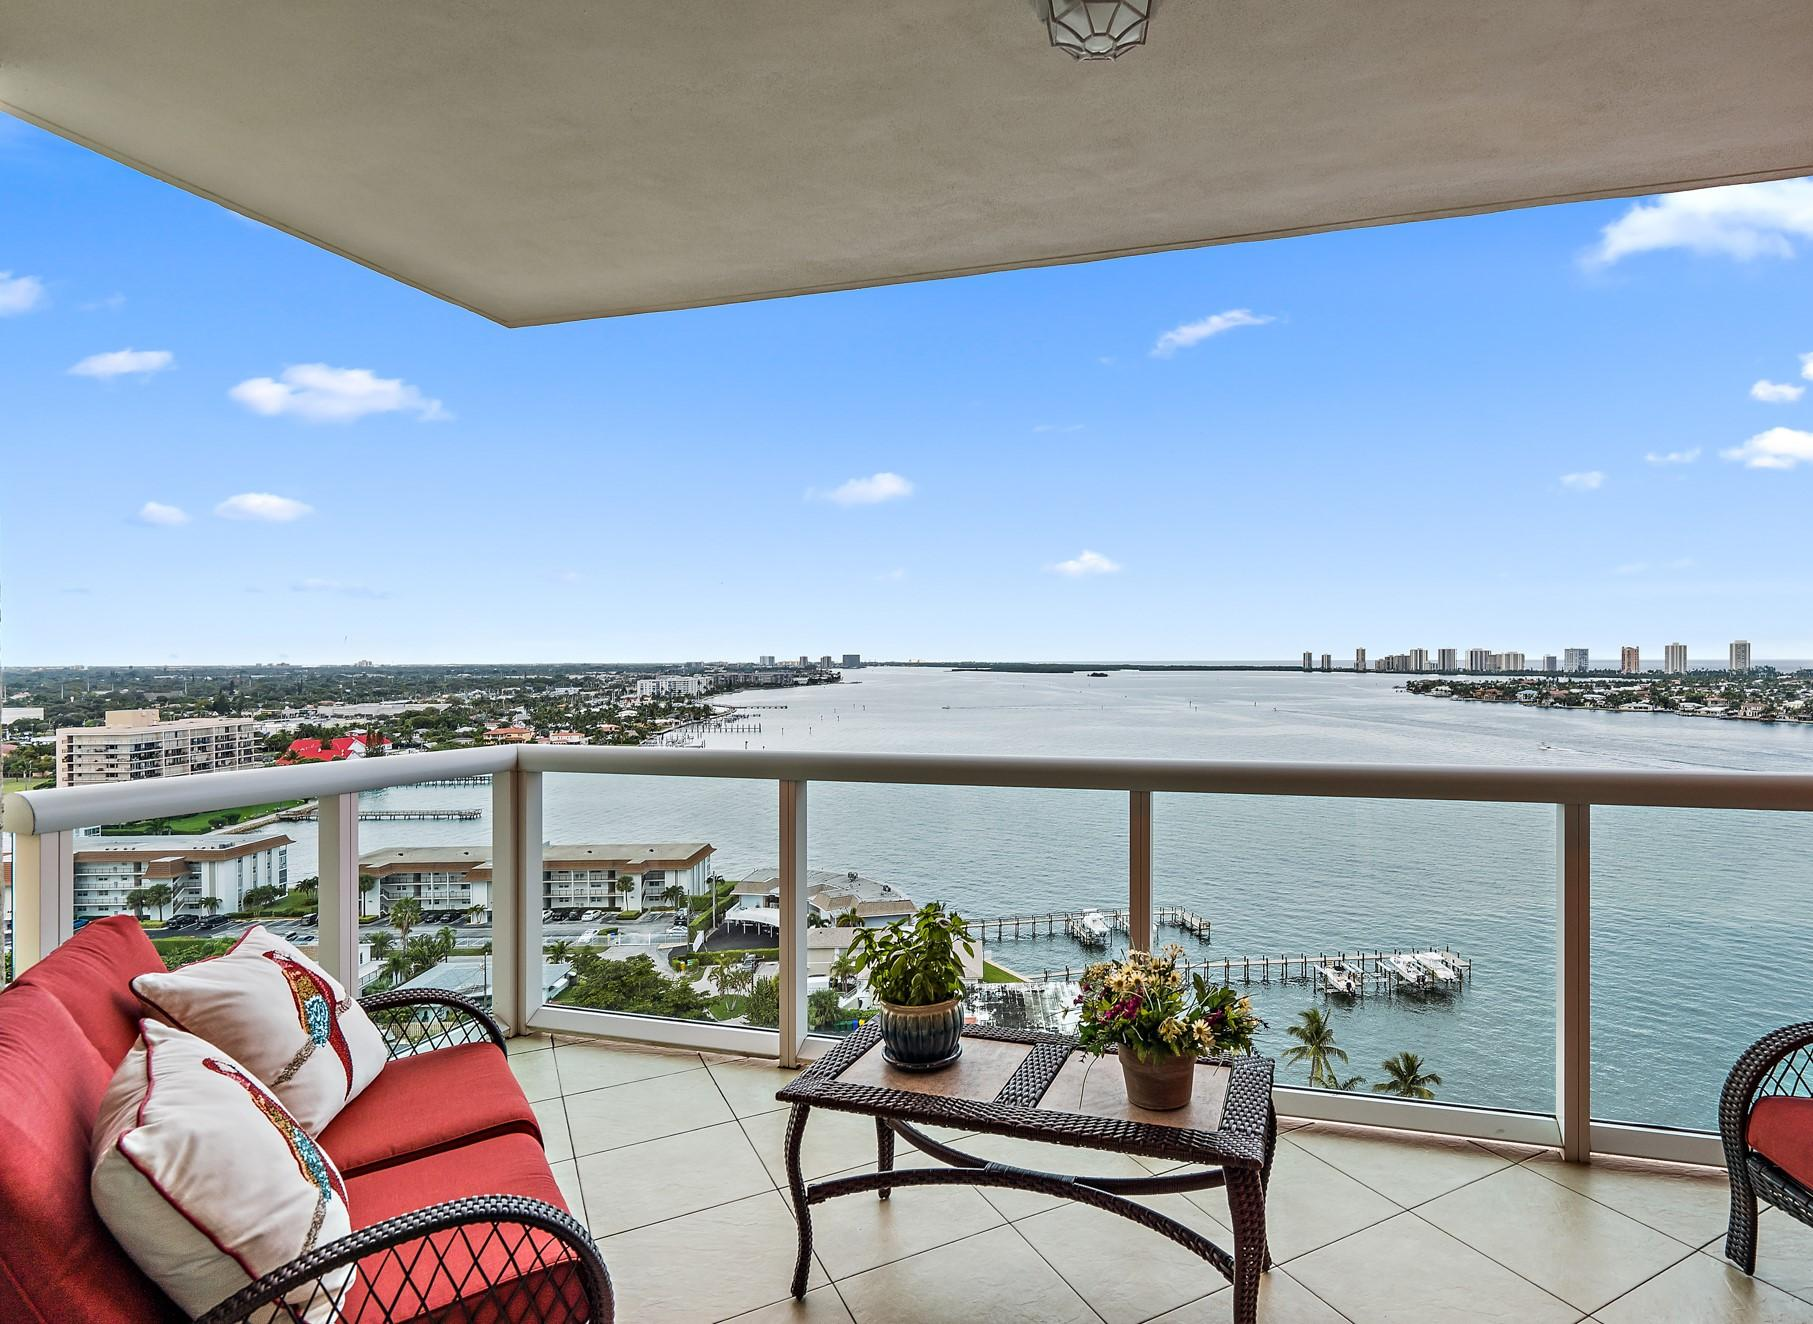 2650 Lake Shore Drive, Riviera Beach, Florida 33404, 2 Bedrooms Bedrooms, ,2 BathroomsBathrooms,Condo/Coop,For Sale,Lake Shore,17,RX-10482621